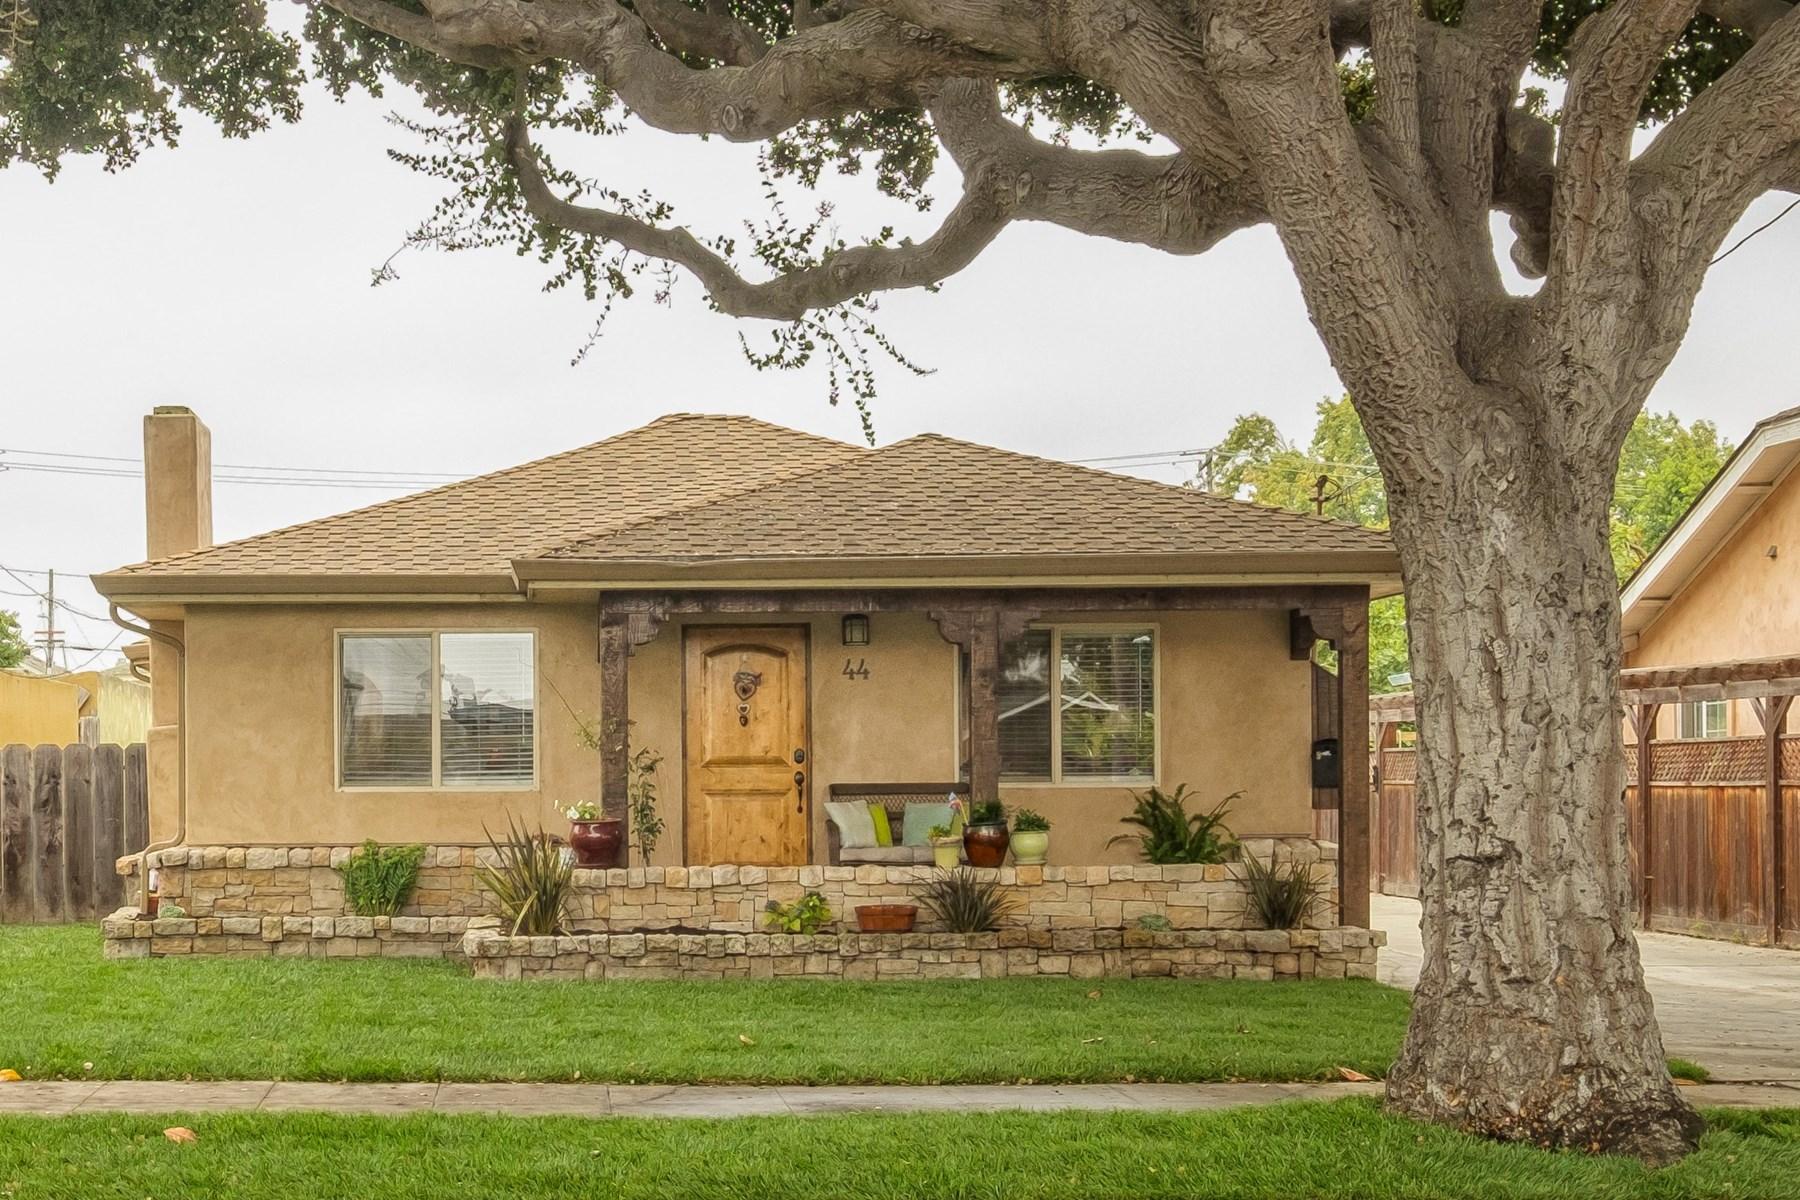 Maison unifamiliale pour l Vente à Nicely Remodeled Home in Maple Park 44 Oak Street Salinas, Californie 93901 États-Unis